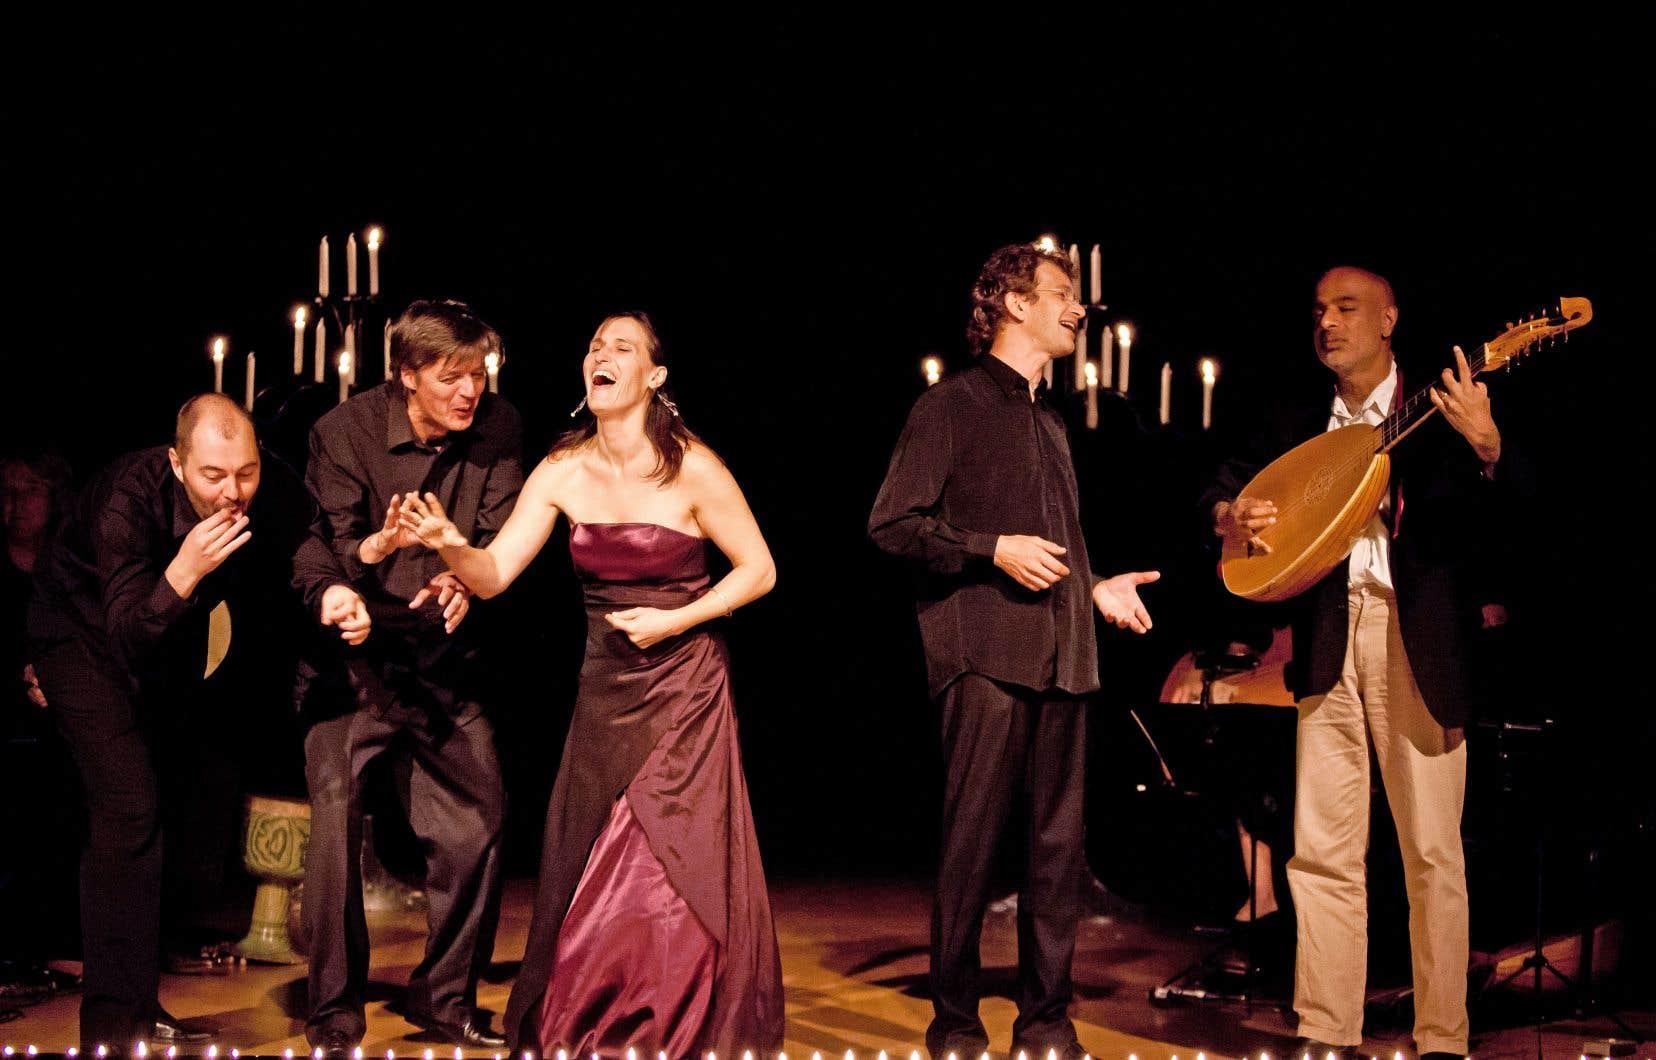 Le spectacle tient véritablement sur les épaules de la chanteuse Isabelle Druet, parfaite, tant en expression qu'en volume et en inflexions.